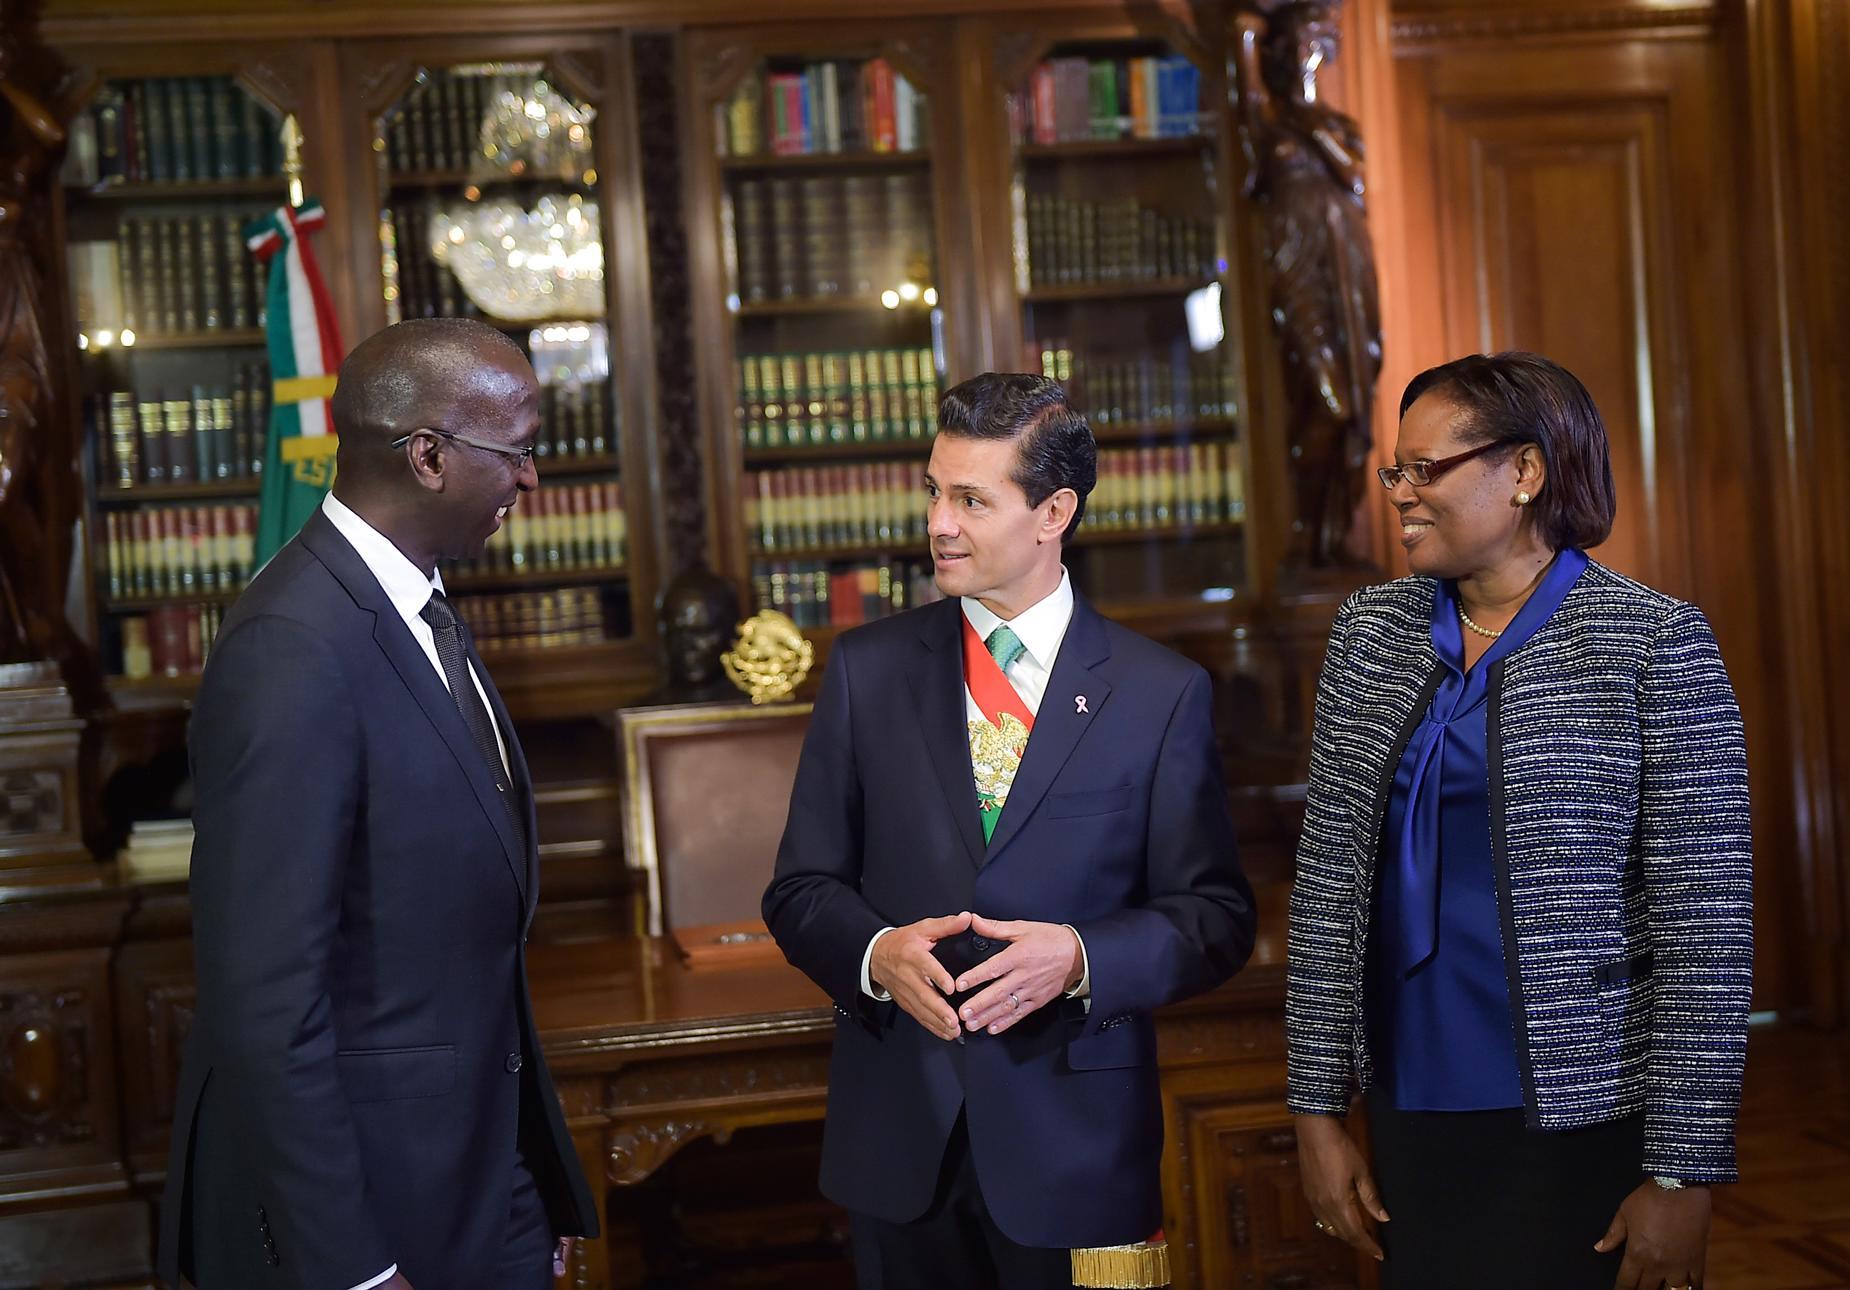 El Primer Mandatario con Anthony Wayne Jerome Phillips-Spencer, Embajador República de Trinidad y Tobago.